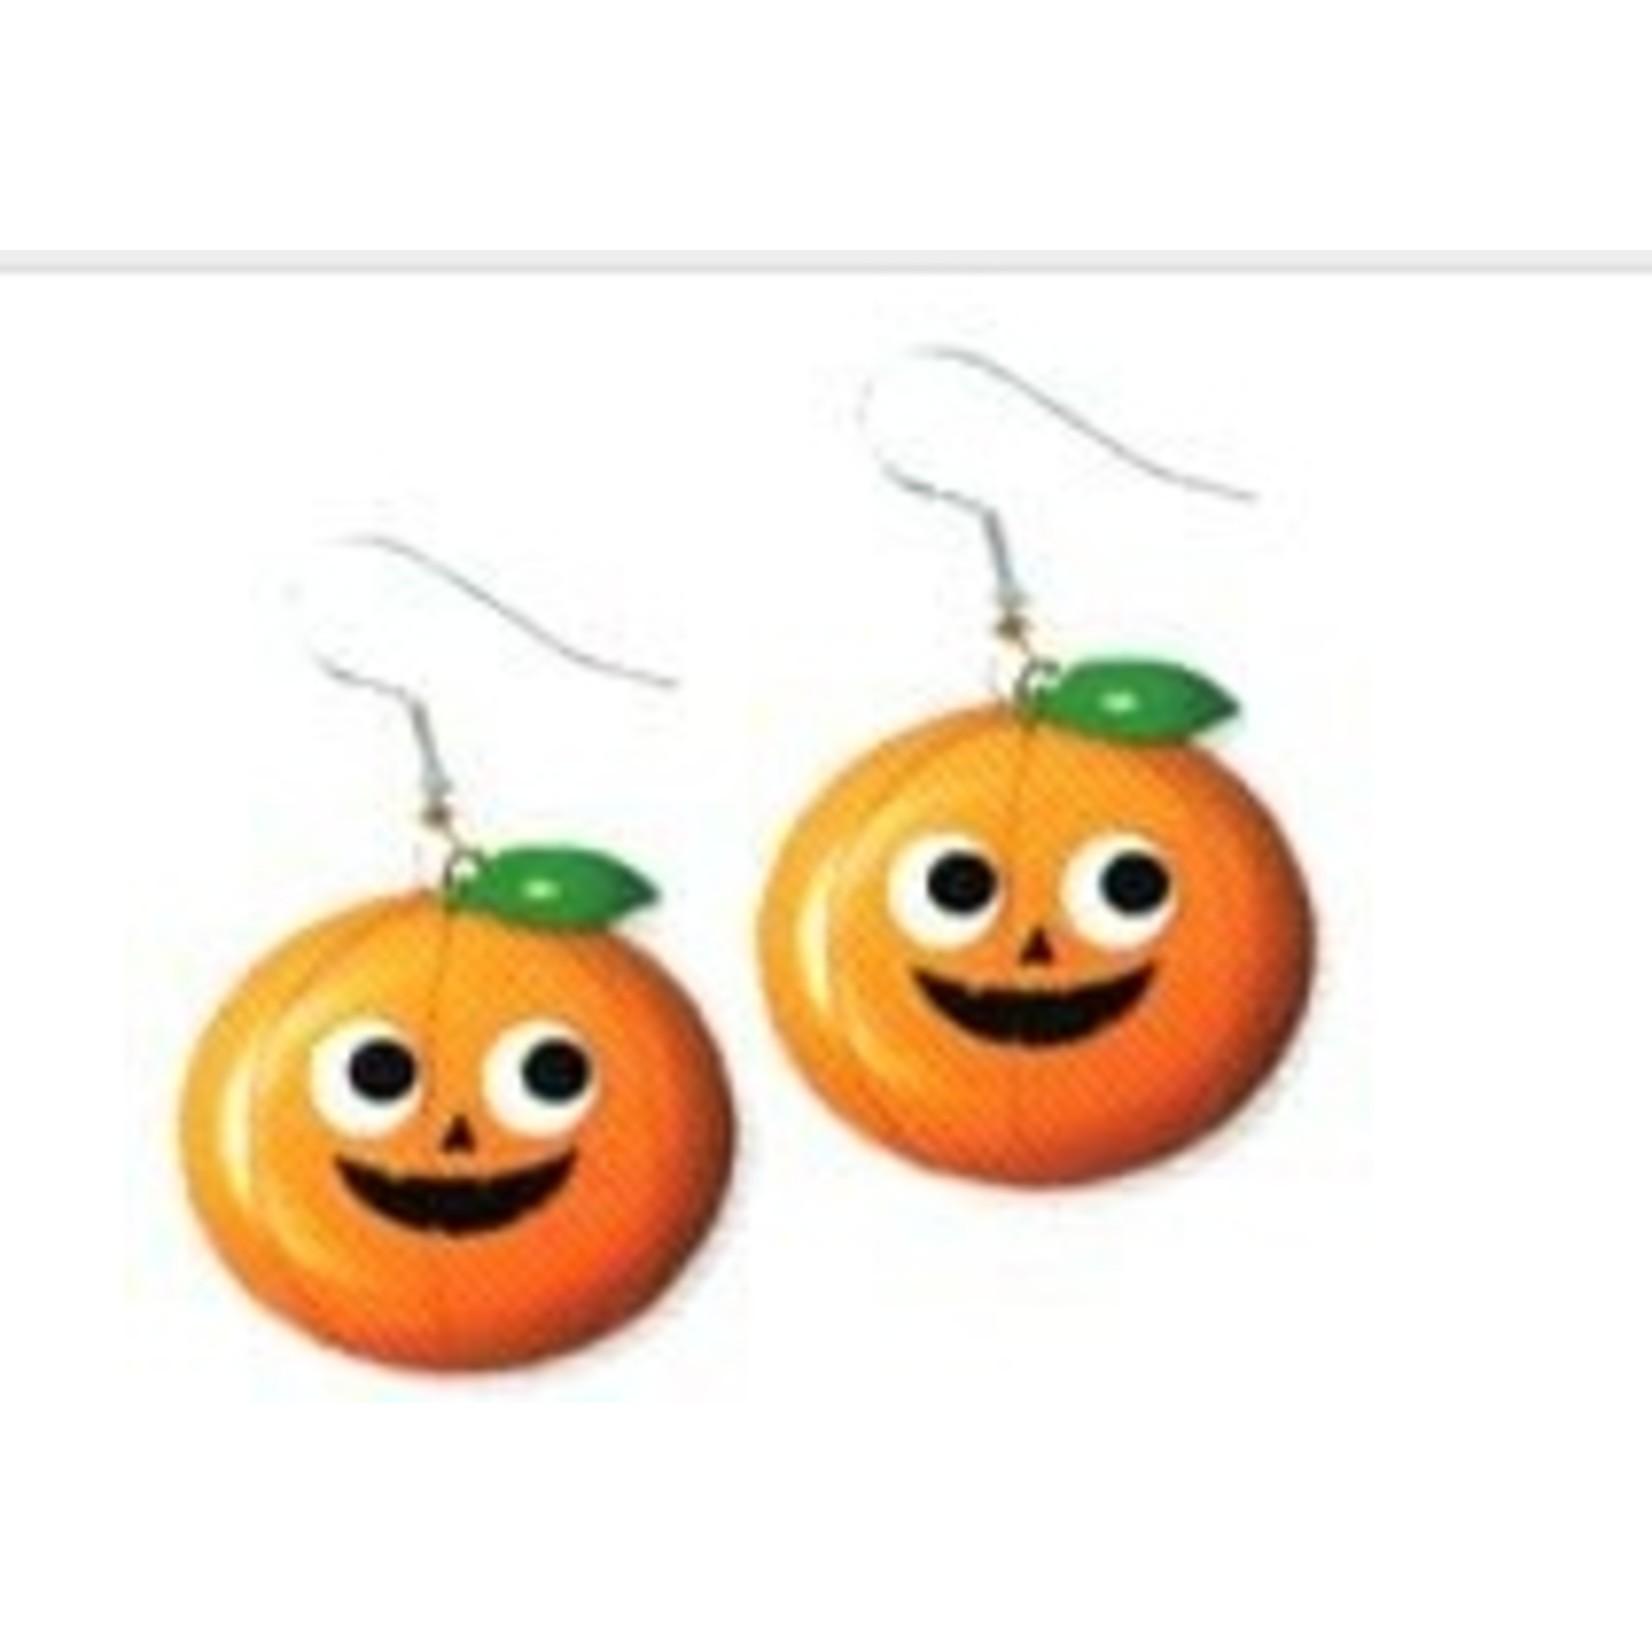 Accessorys-Pumpkin Earrings